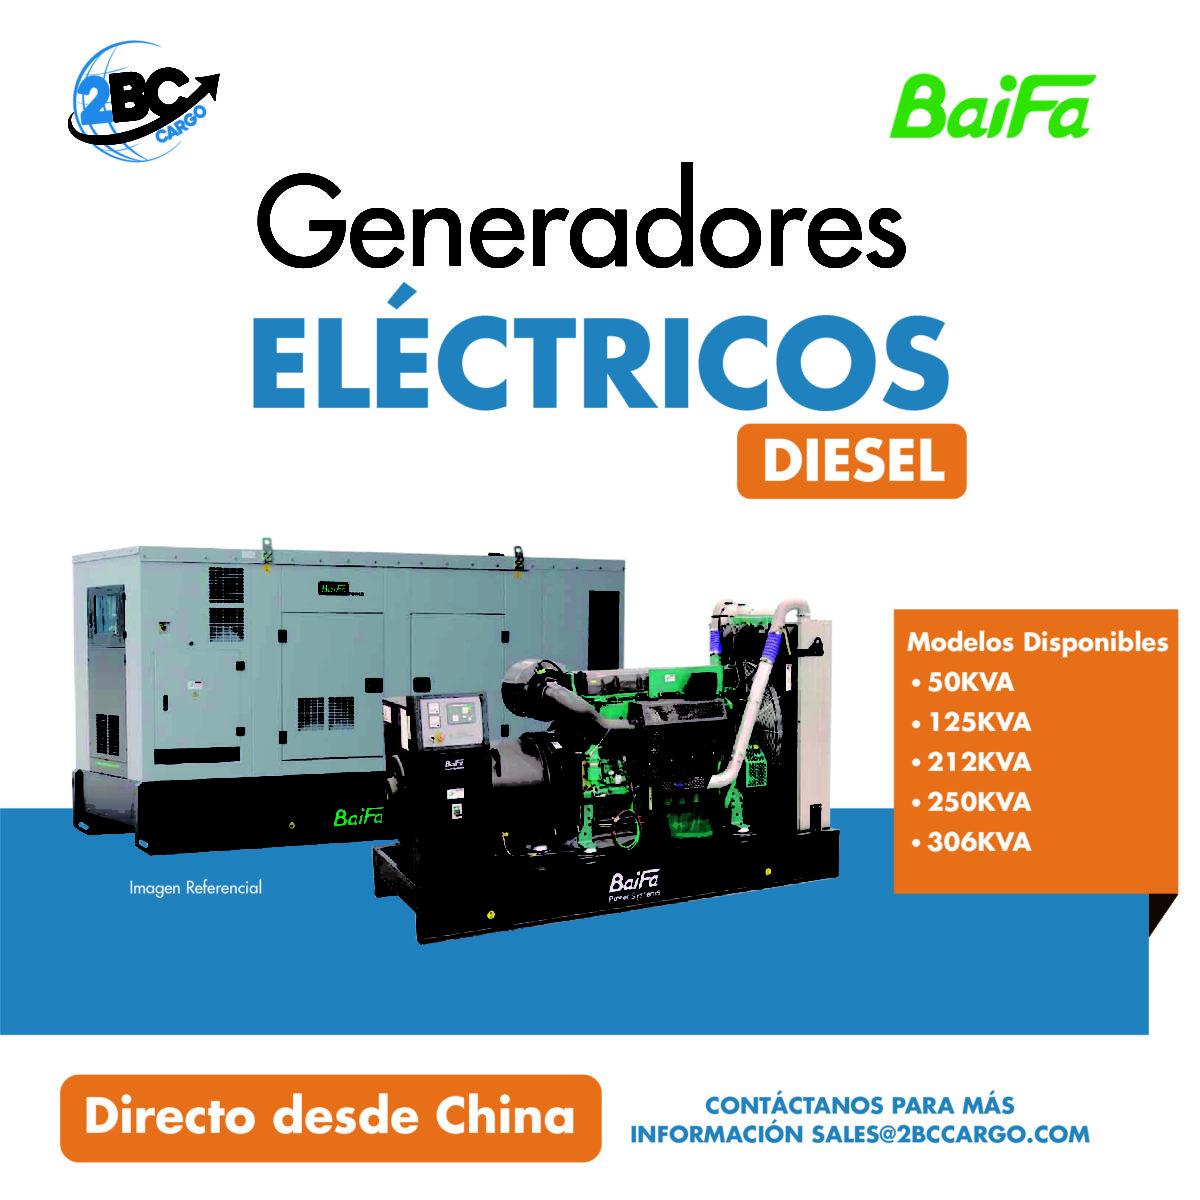 promo-generadores-baifa-1200x1200.jpg